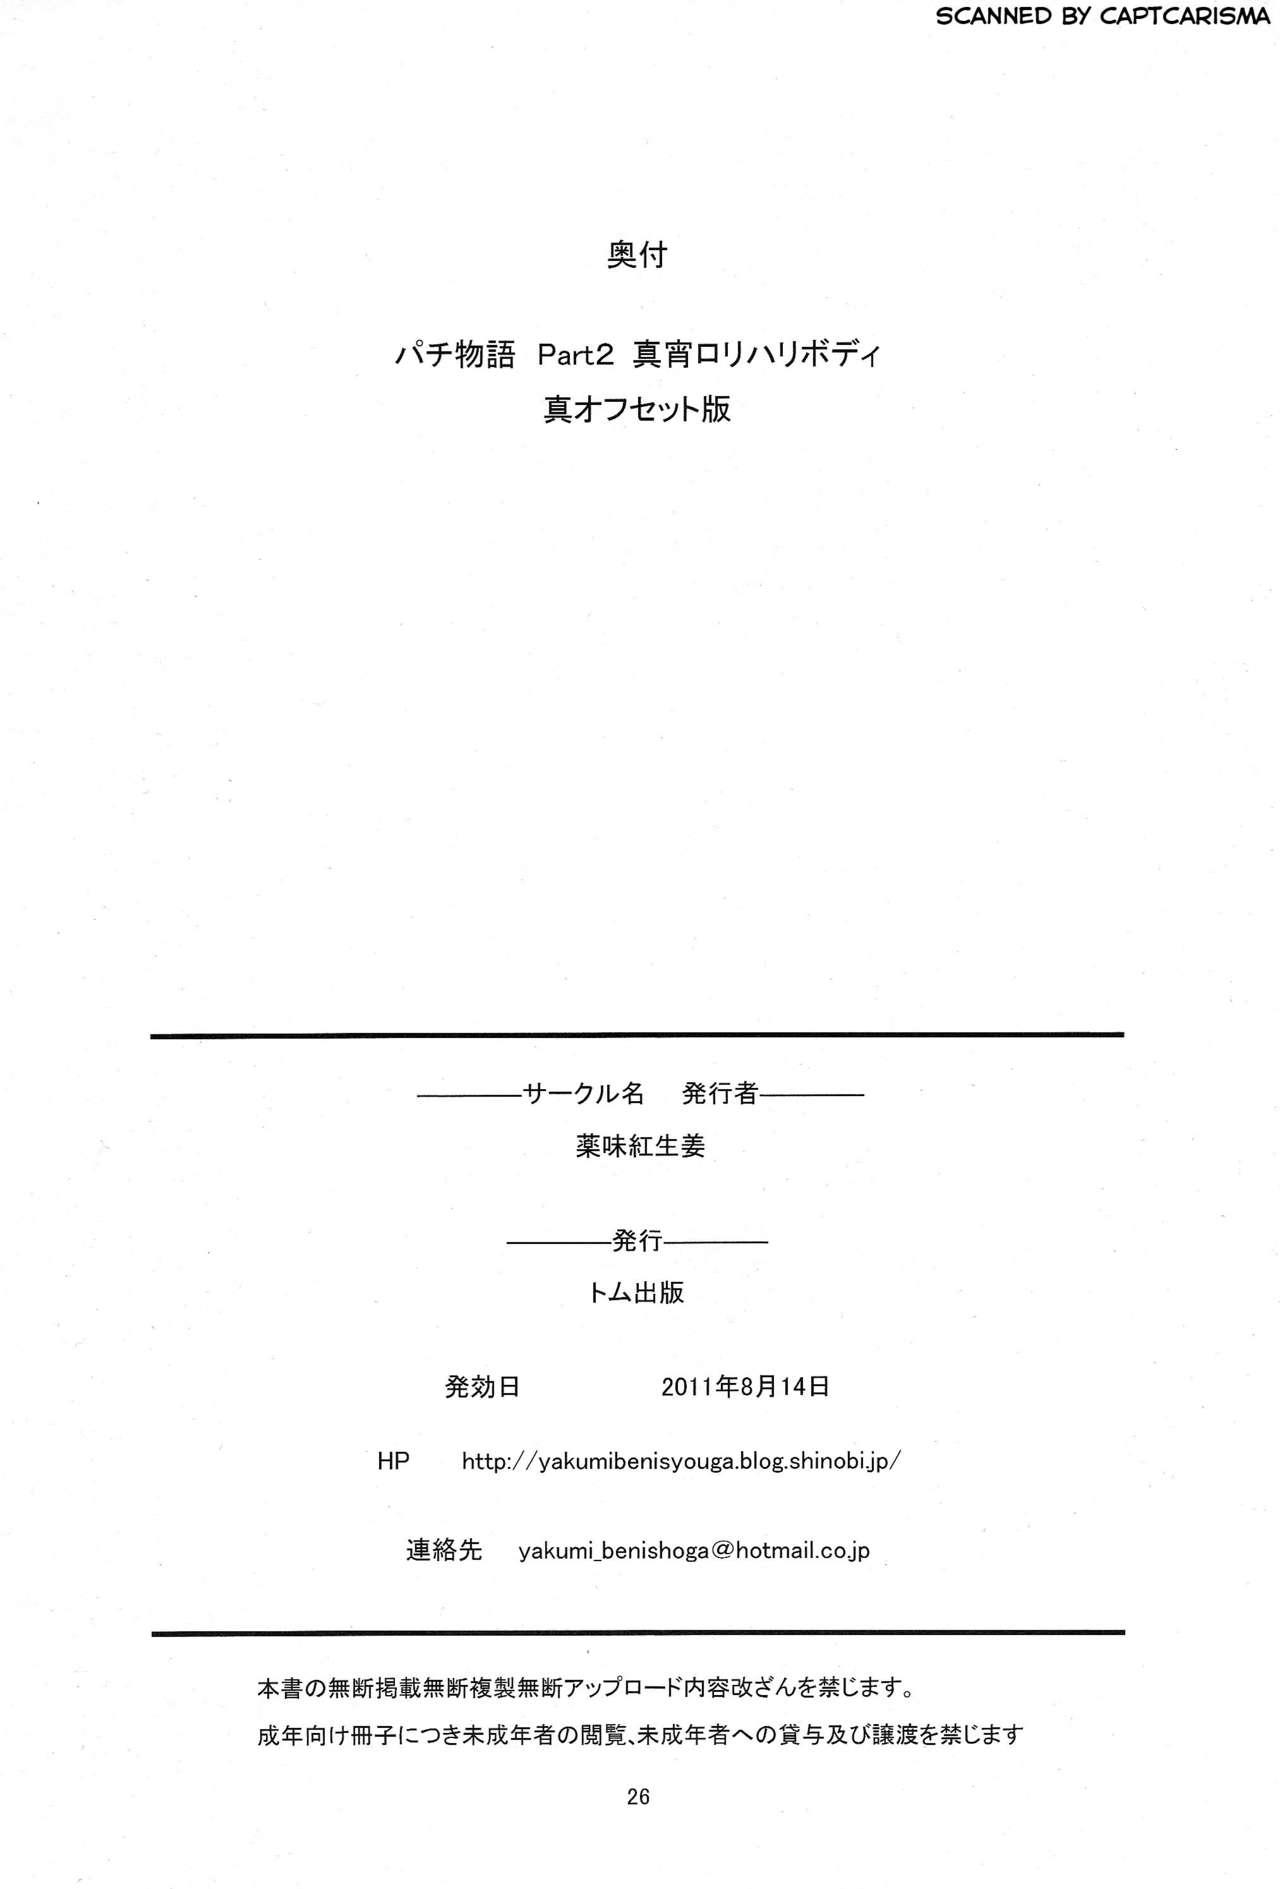 Pachimonogatari Part 2: Mayoi Loli Hari Body!! 23